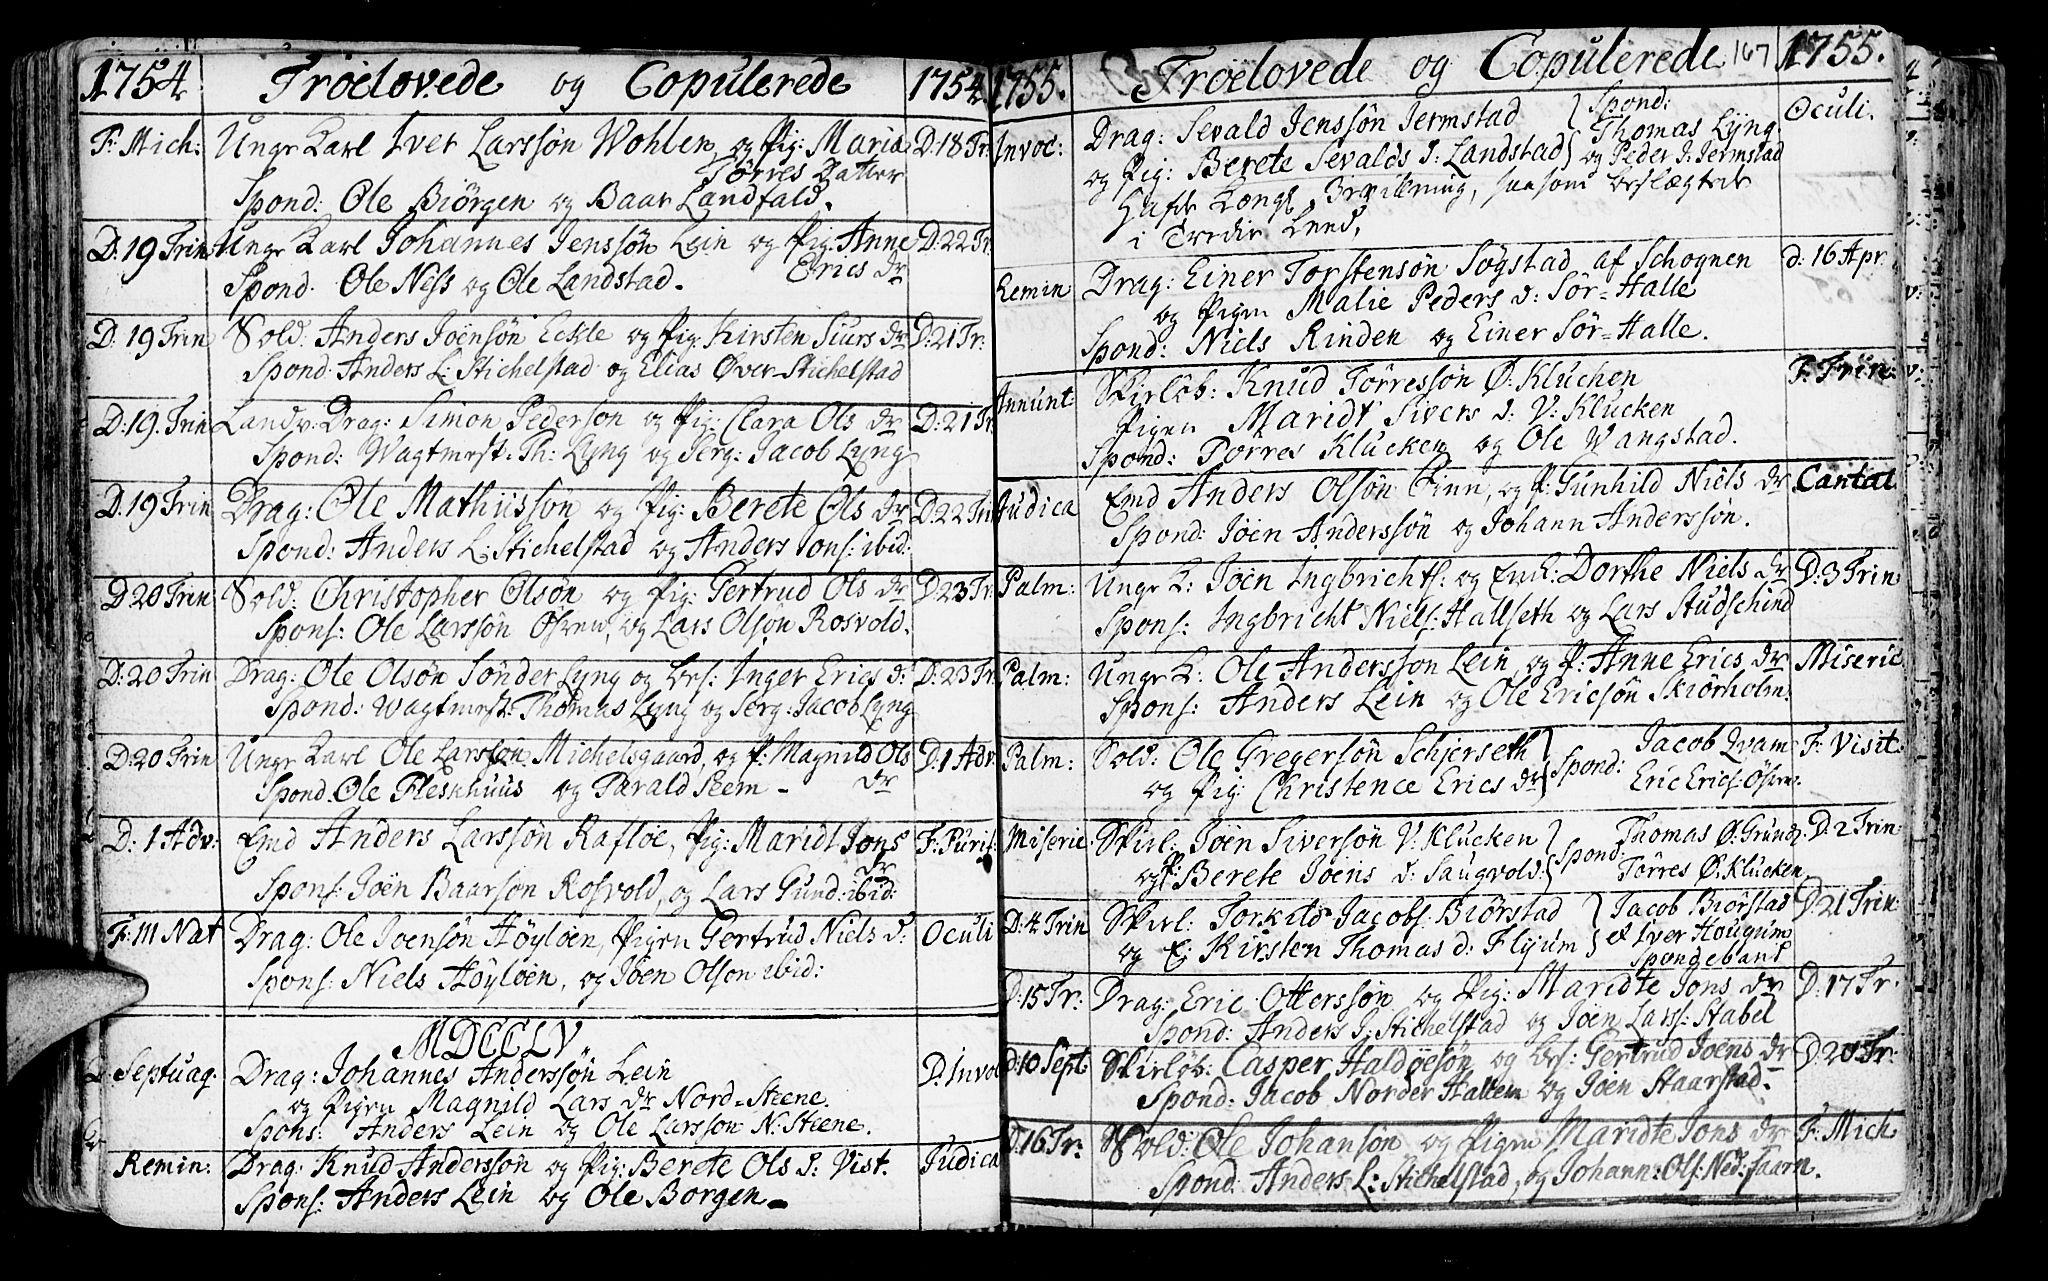 SAT, Ministerialprotokoller, klokkerbøker og fødselsregistre - Nord-Trøndelag, 723/L0231: Ministerialbok nr. 723A02, 1748-1780, s. 167